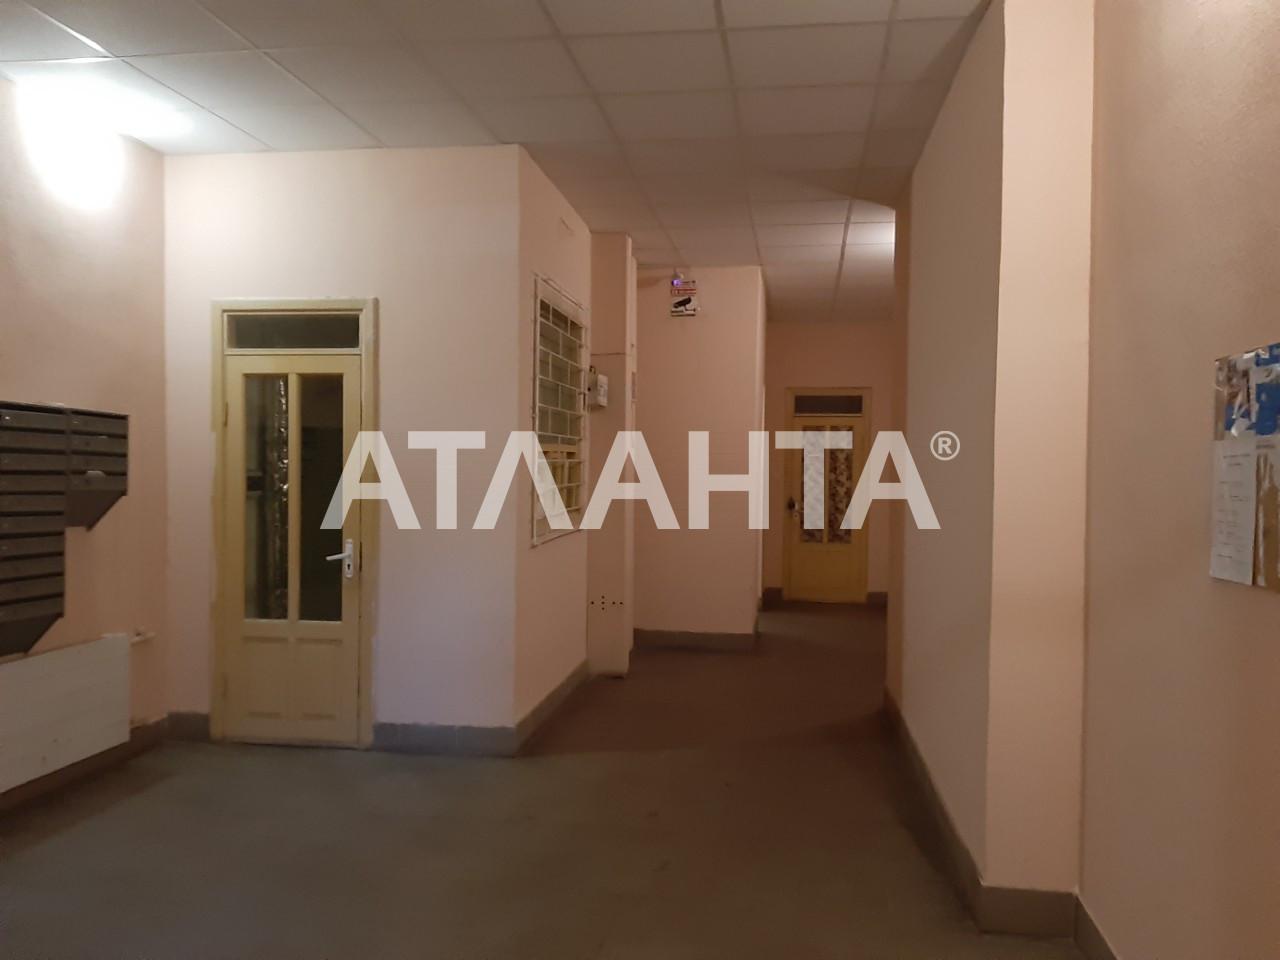 Продается 1-комнатная Квартира на ул. Небесной Сотни Пр. (Жукова Марш. Пр., Ленинской Искры Пр.) — 45 000 у.е. (фото №5)